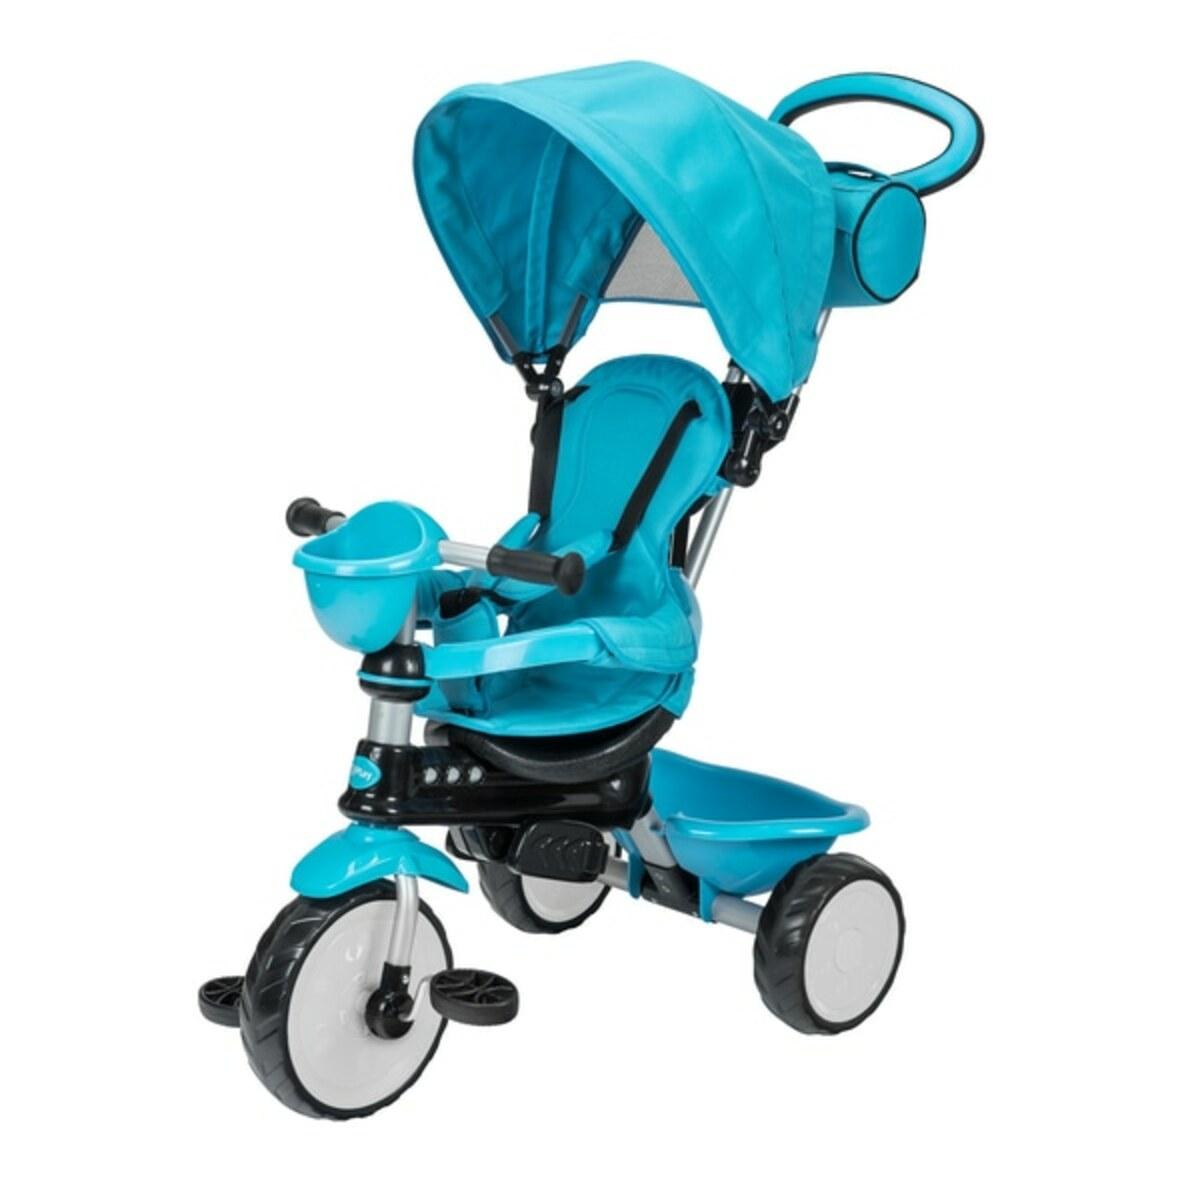 Bild 3 von QPlay - Dreirad Comfort 3in1, blau